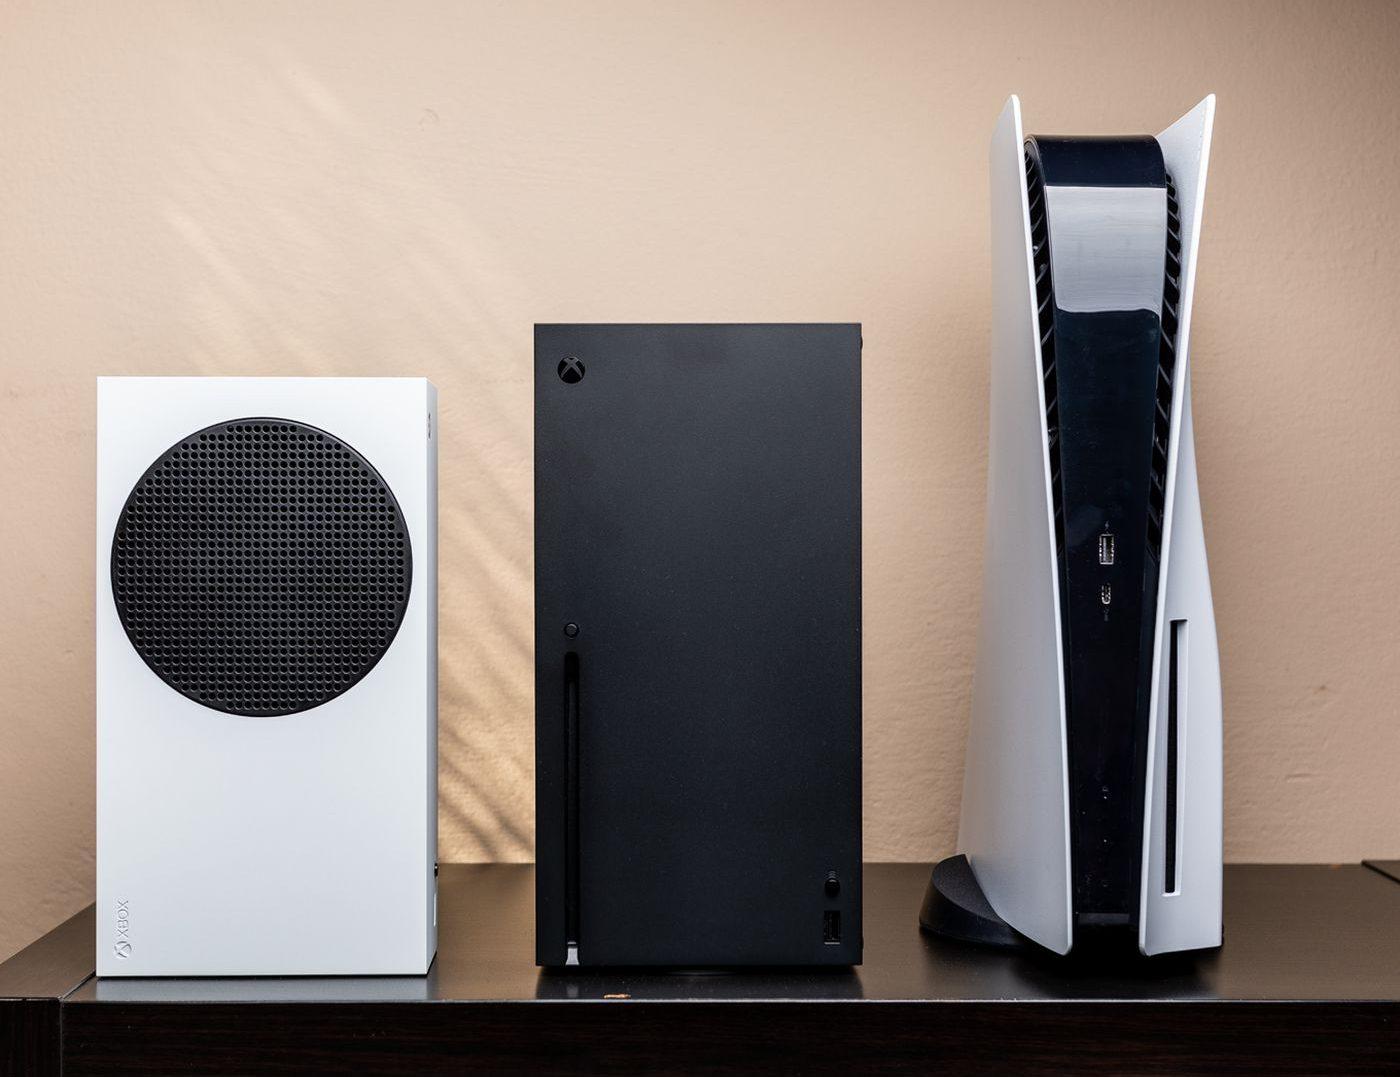 Sony dice que la PS5 aún estaría agotada sin una pandemia